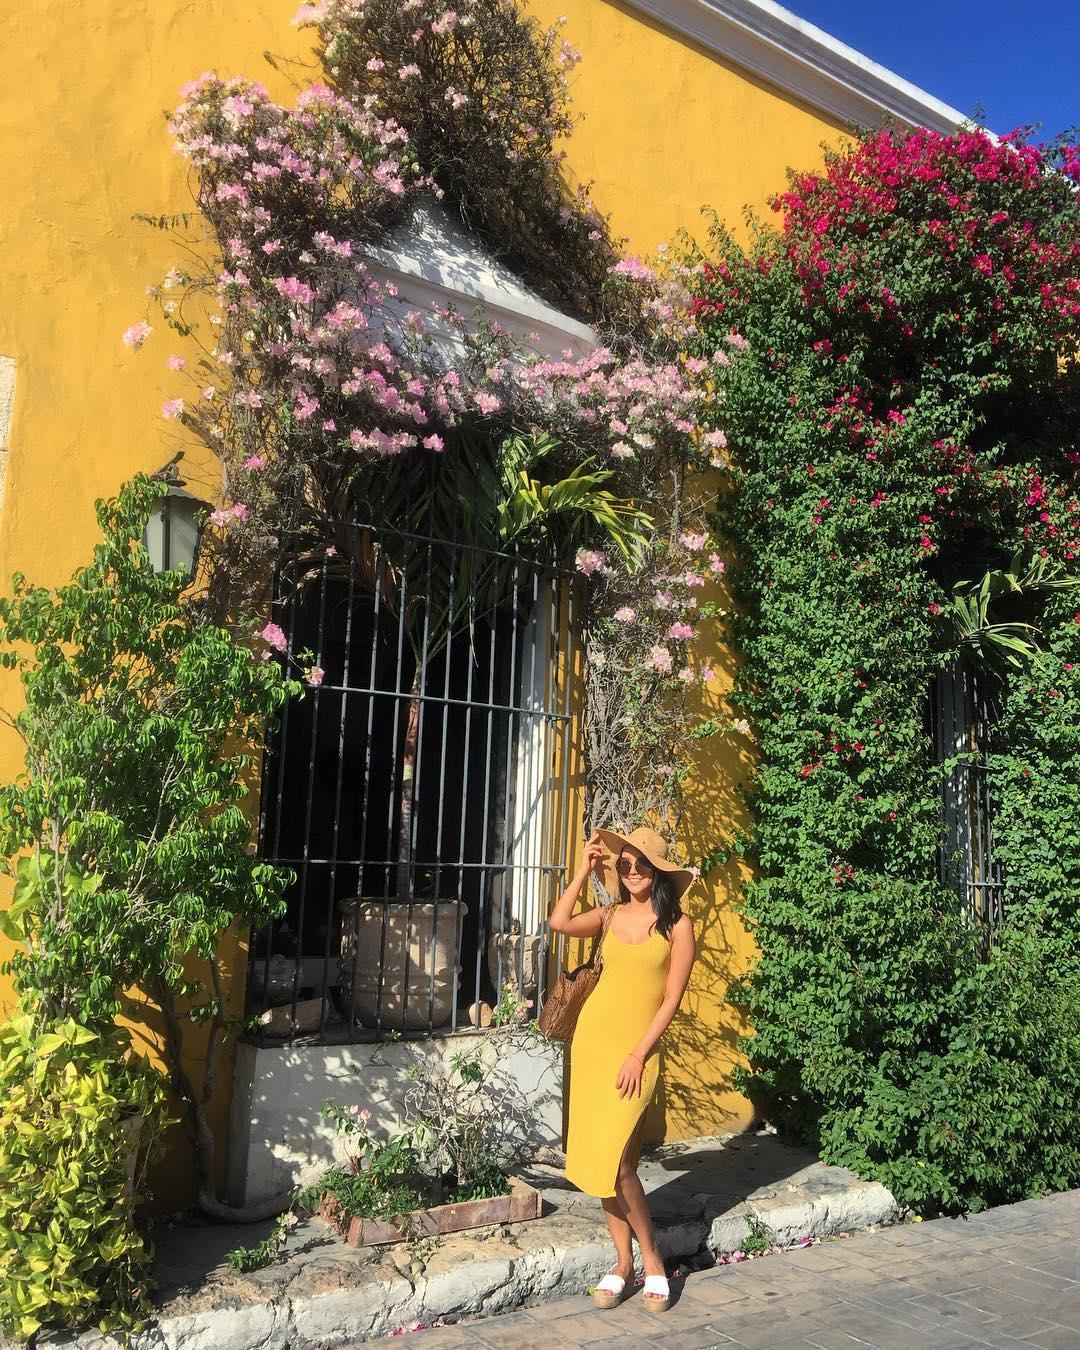 restaurante kinich izamal, top yucatan instagram, izamal pueblo magico, gastronomia de yucatan